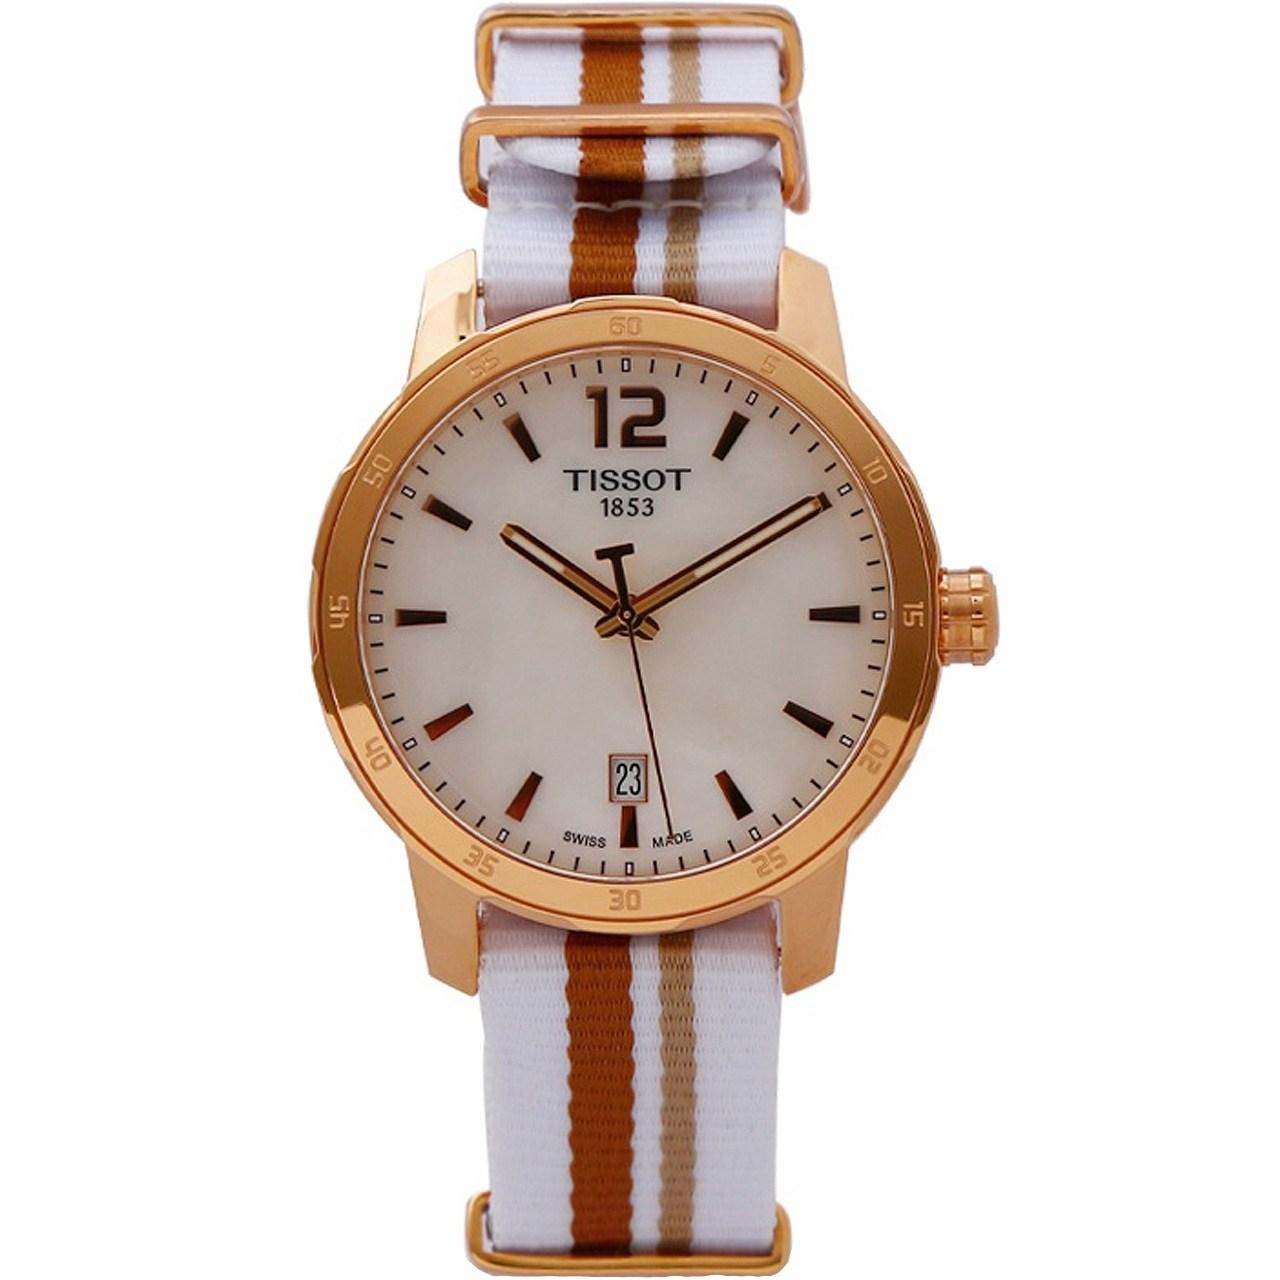 ساعت مچی عقربه ای مردانه تیسوت مدل T095.410.37.117.00